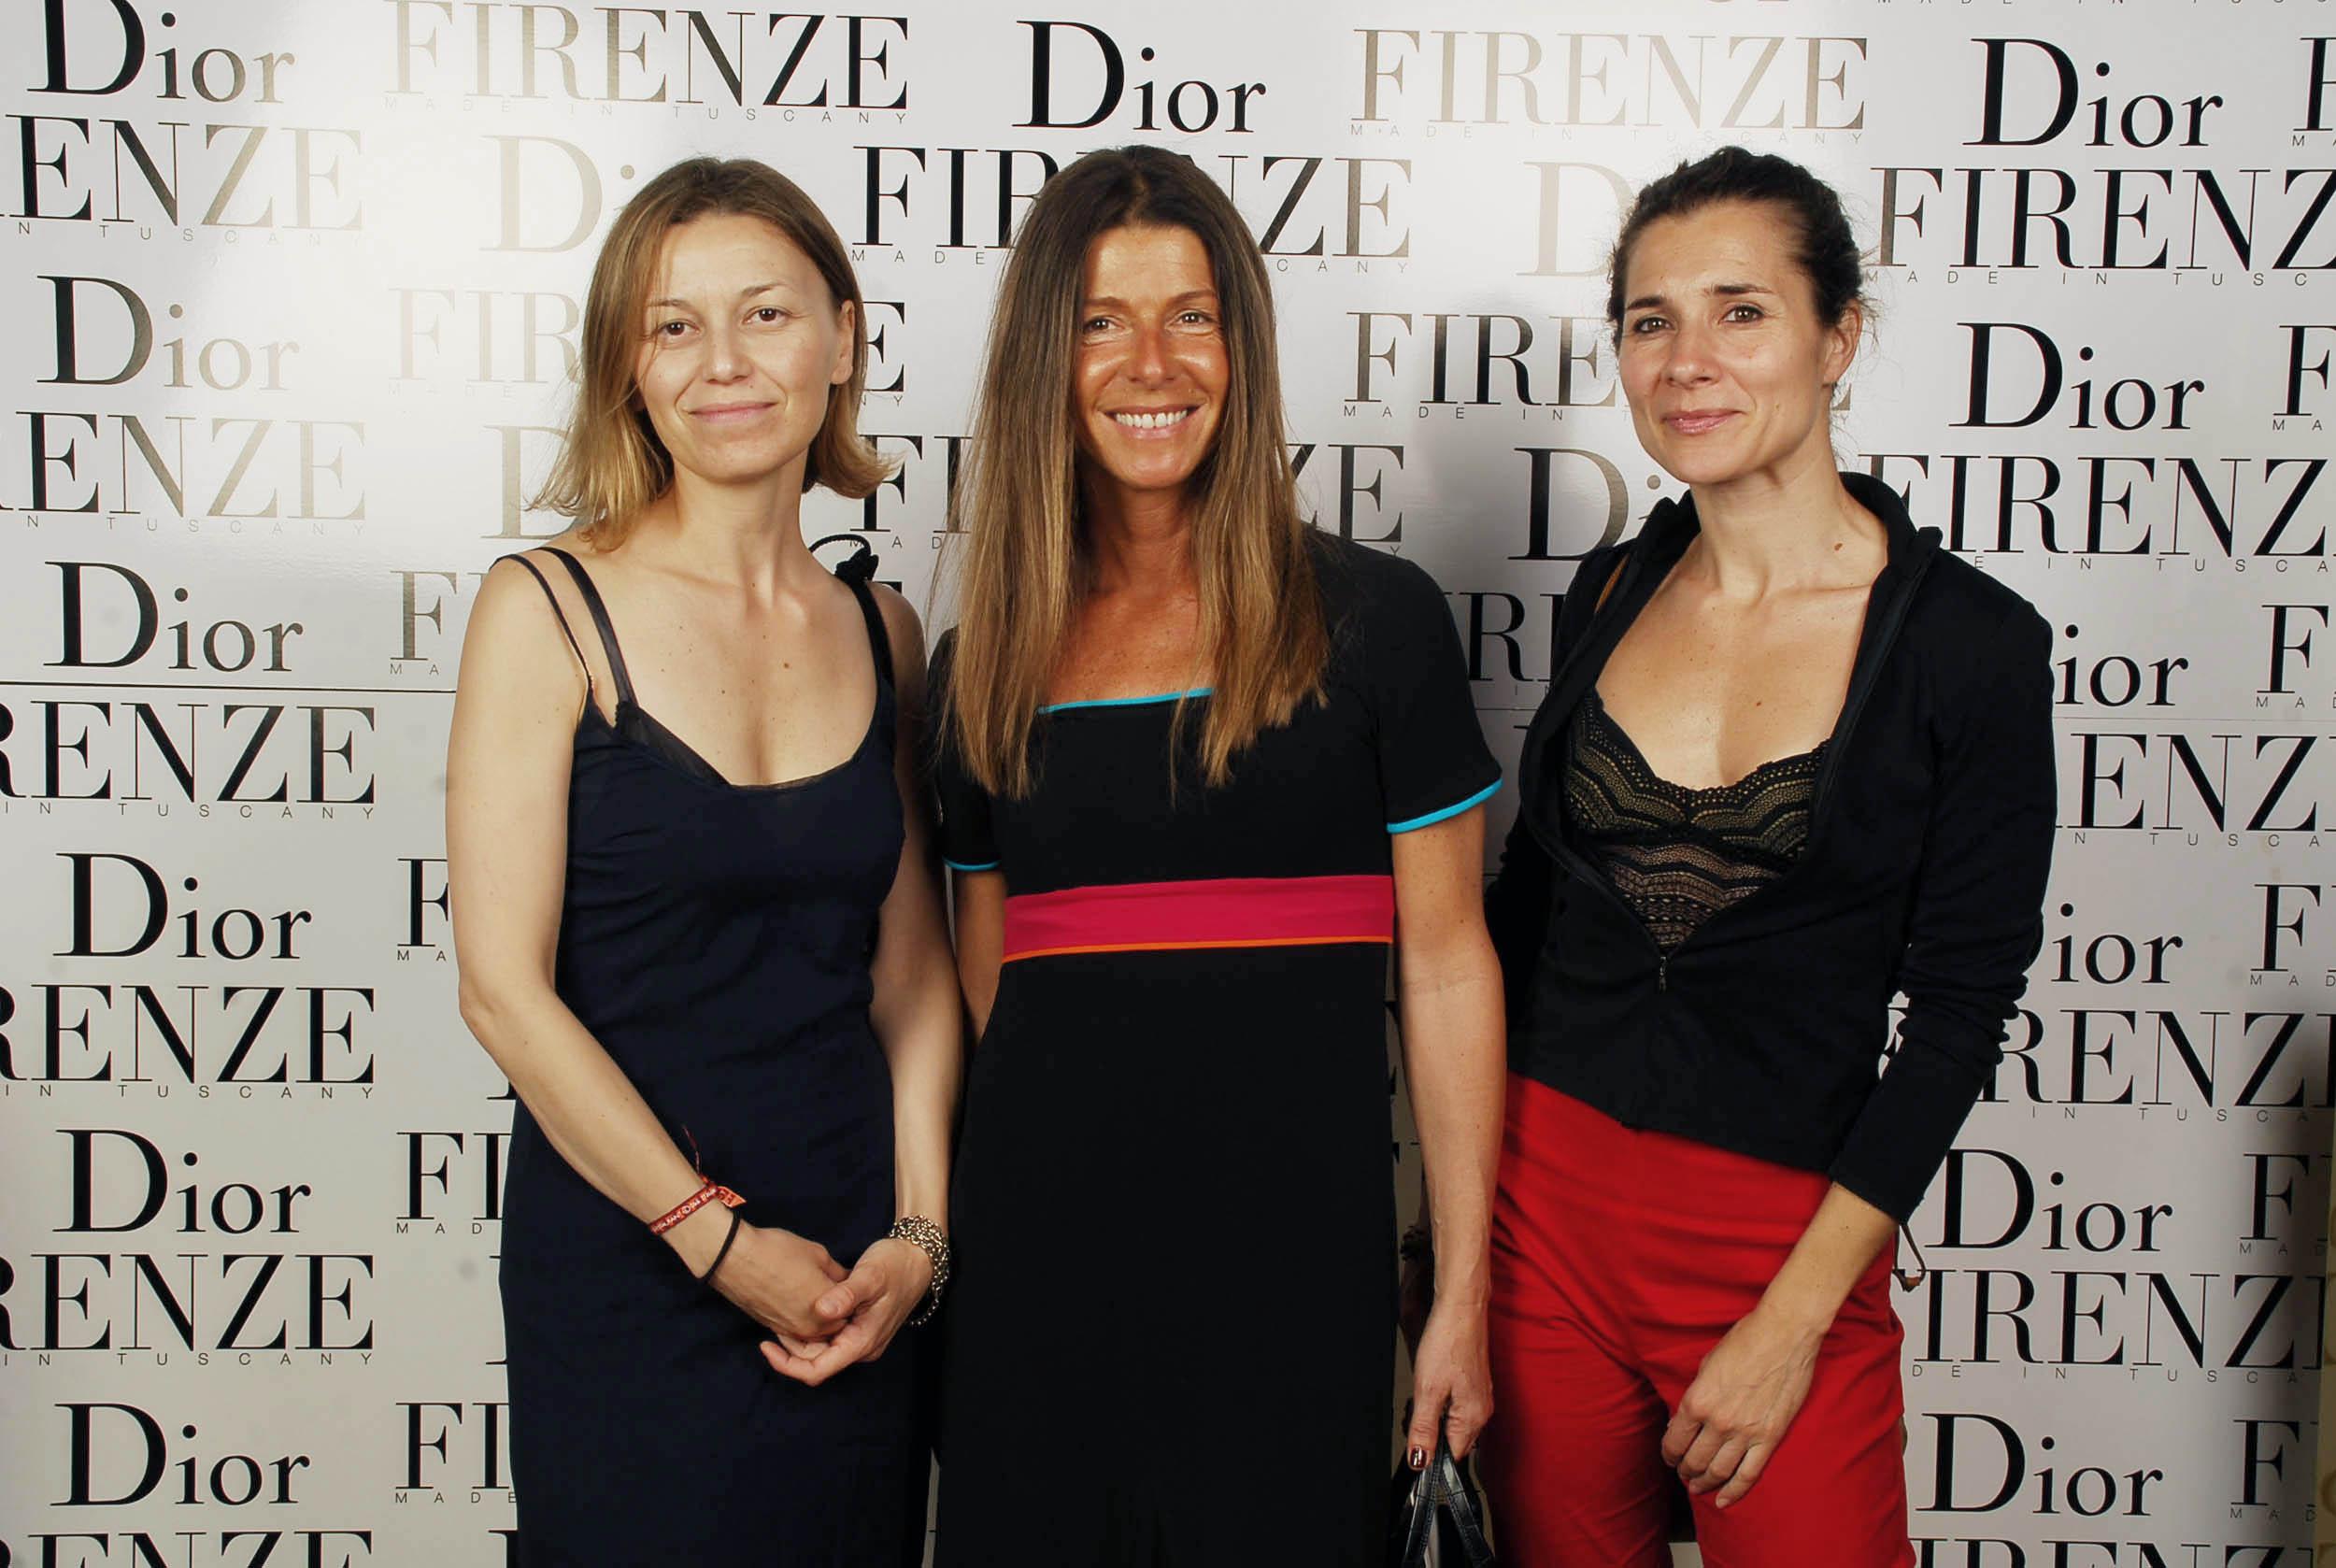 PRESSPHOTO  Firenze, evento Dior al teatro romano di Fiesole. Nella foto Roberta Campanacci, Katia Santucci e Simona Vercelli